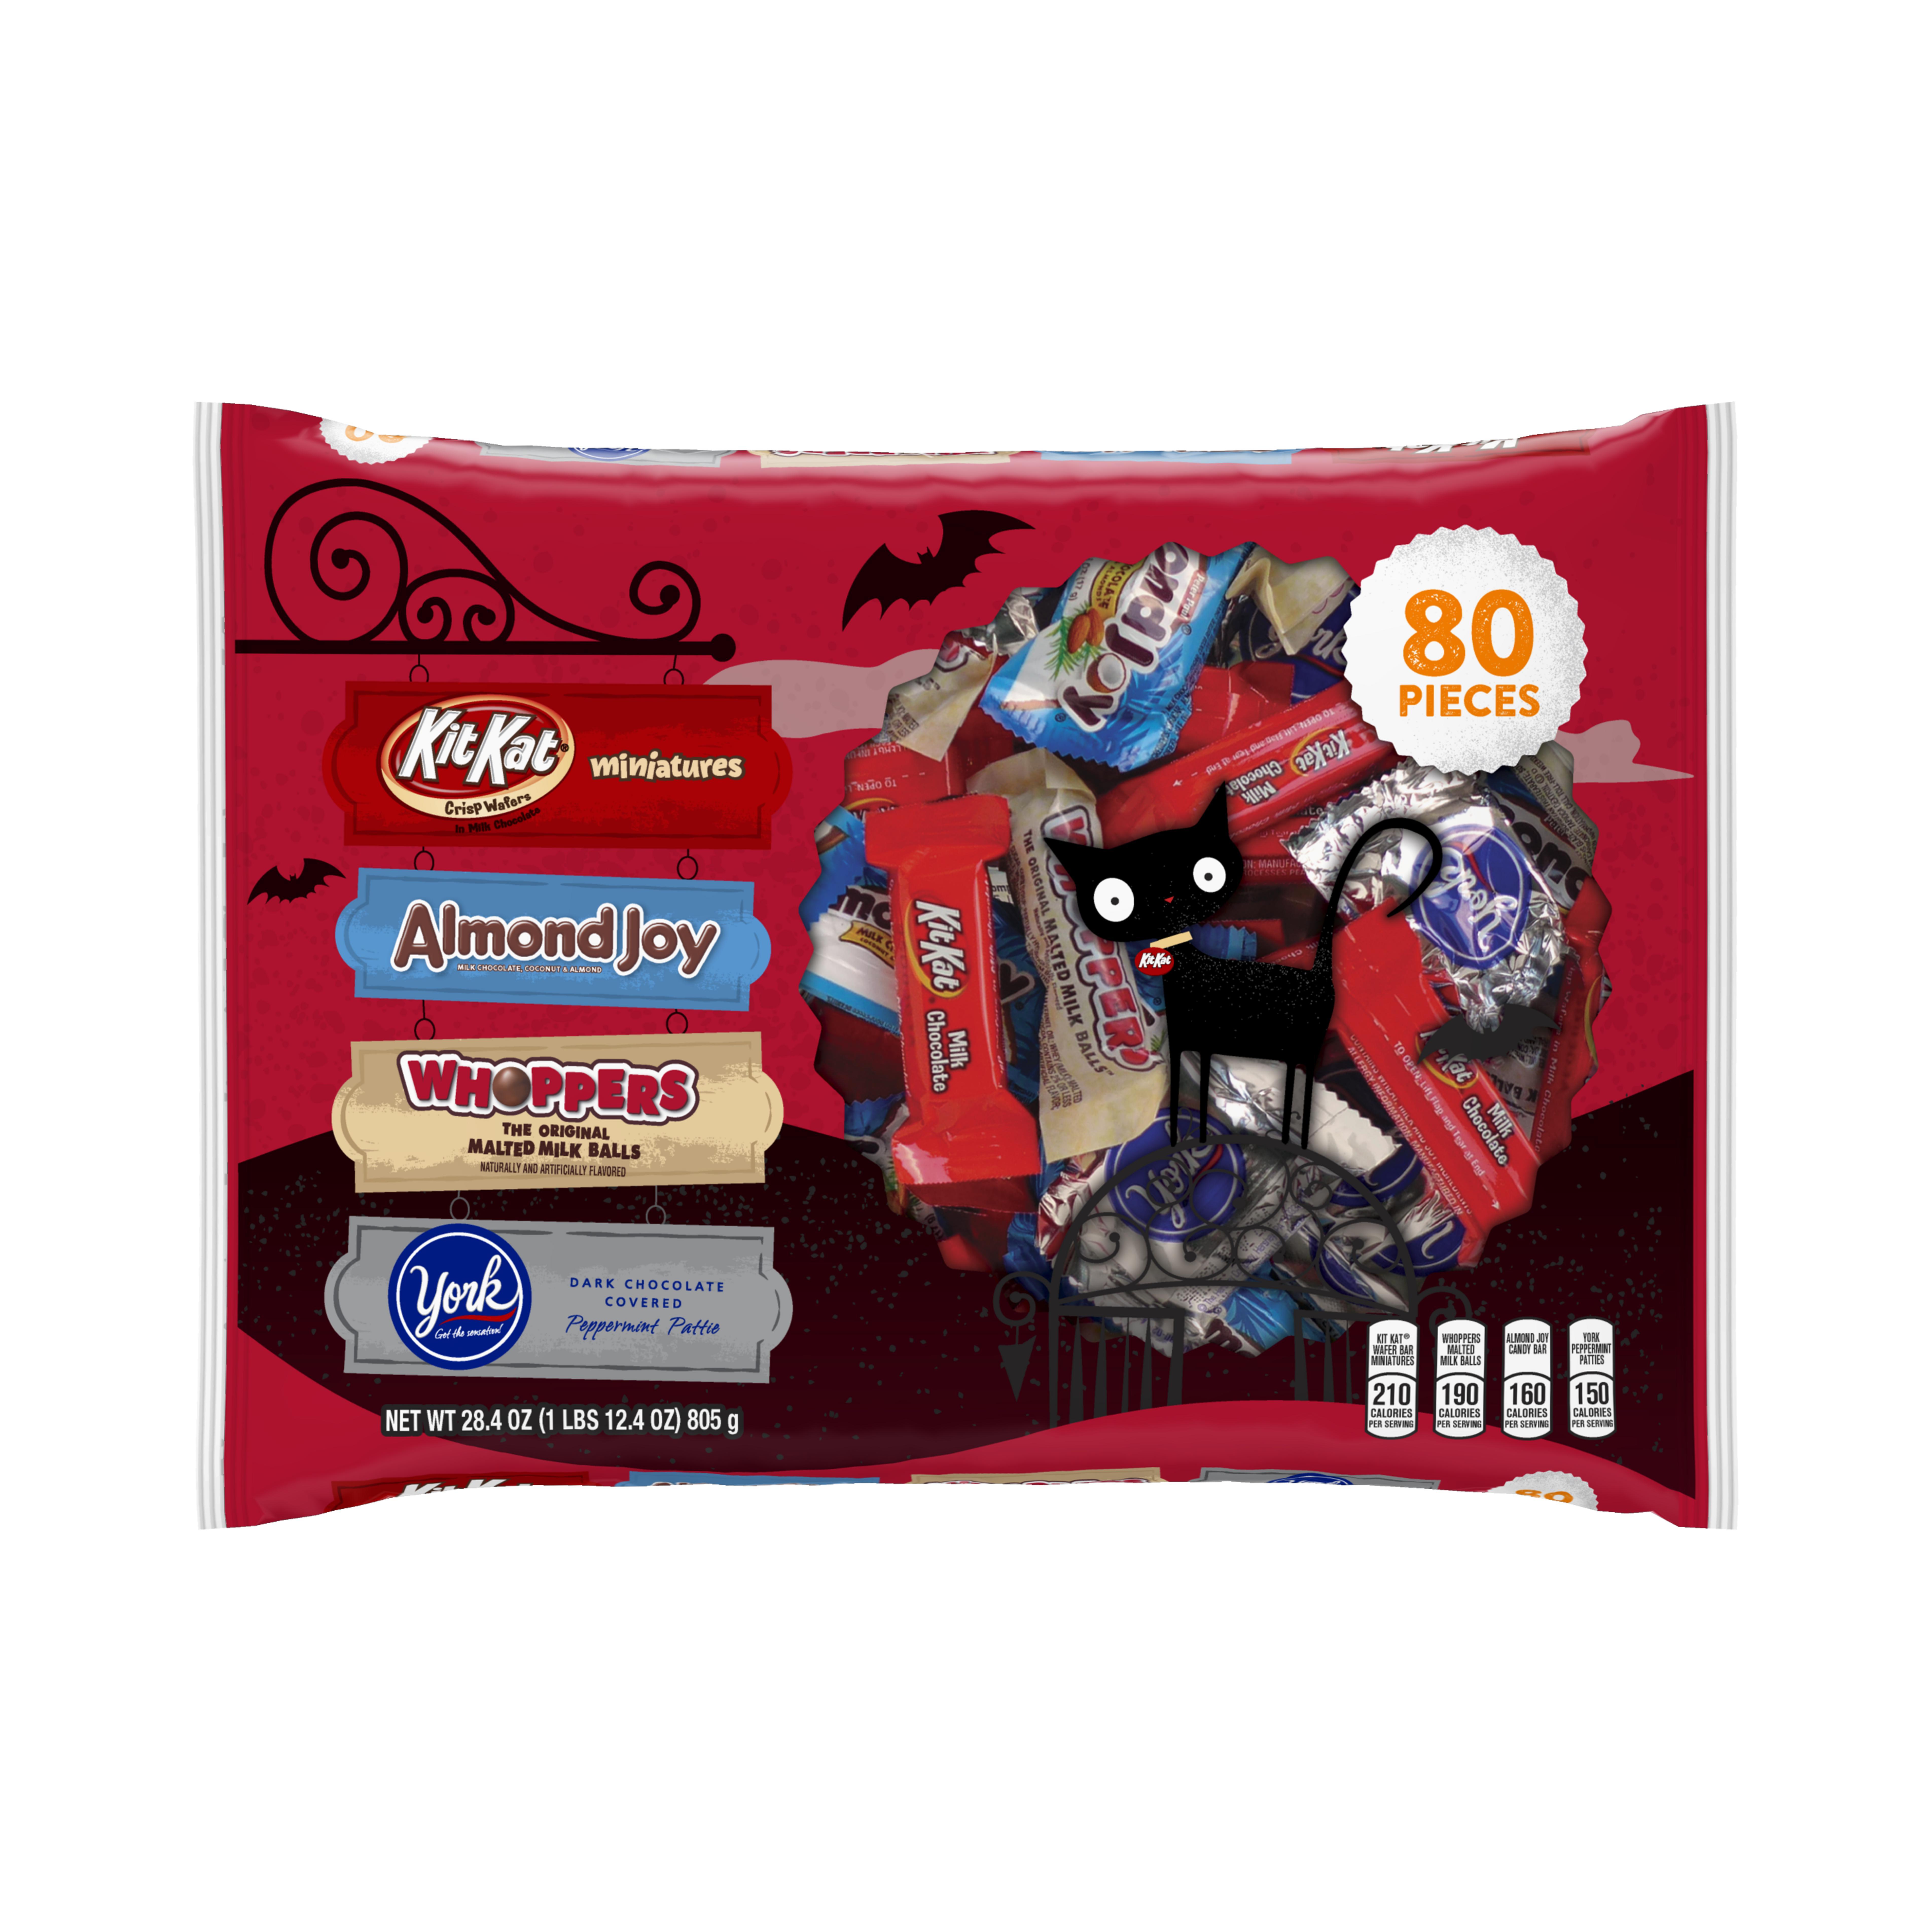 Hershey Halloween Snack Size Assortment, 80 Pieces